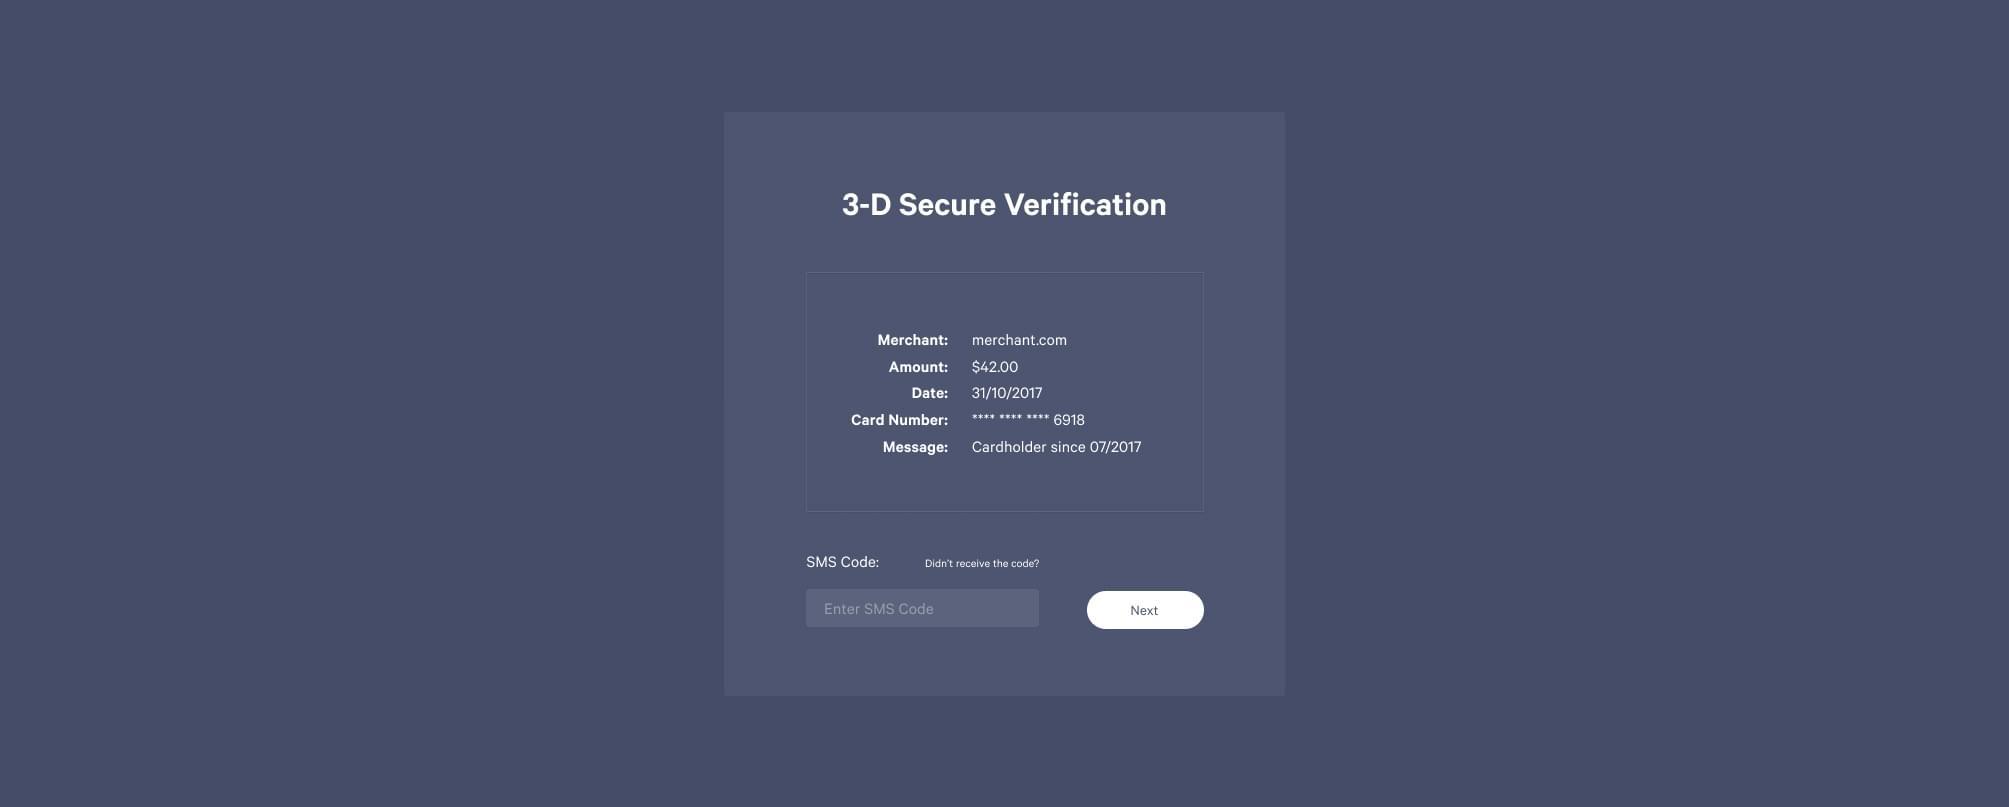 3-D Secure Form